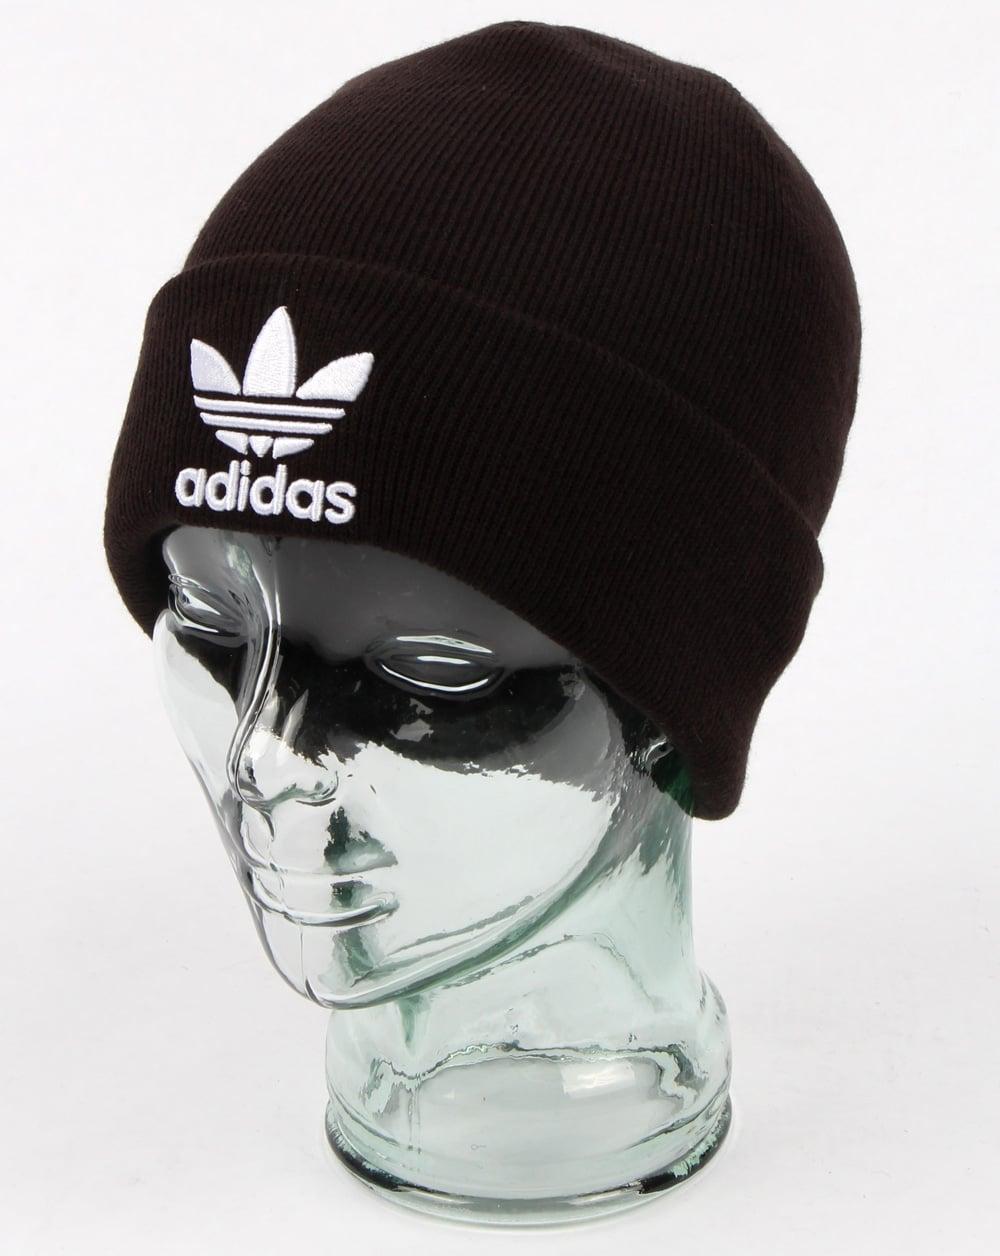 Adidas Originals Trefoil Beanie Black 26ad8969070